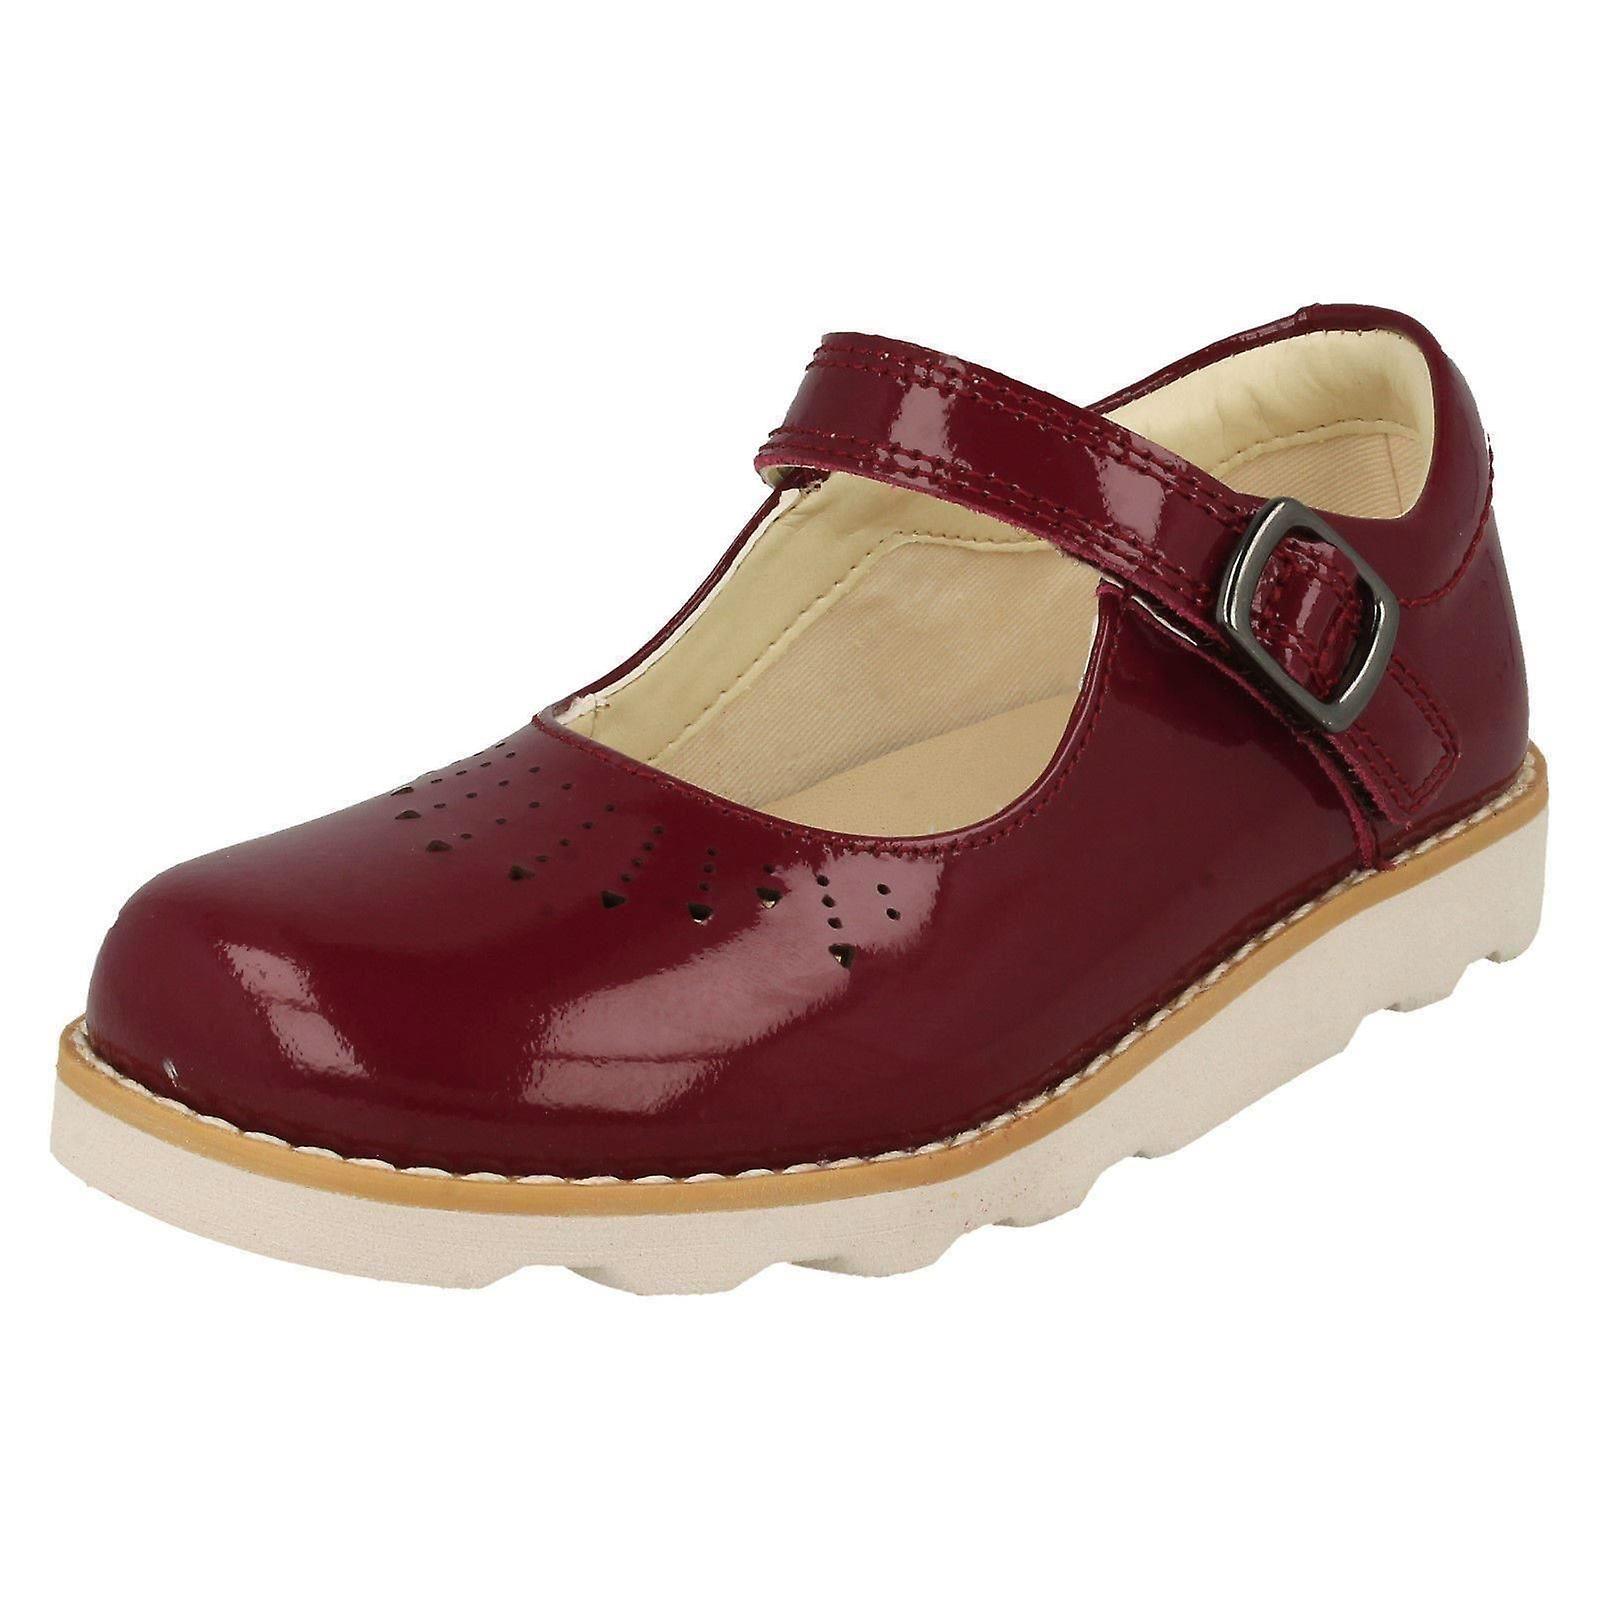 Clarks filles découper chaussures détaillées couronne Jump